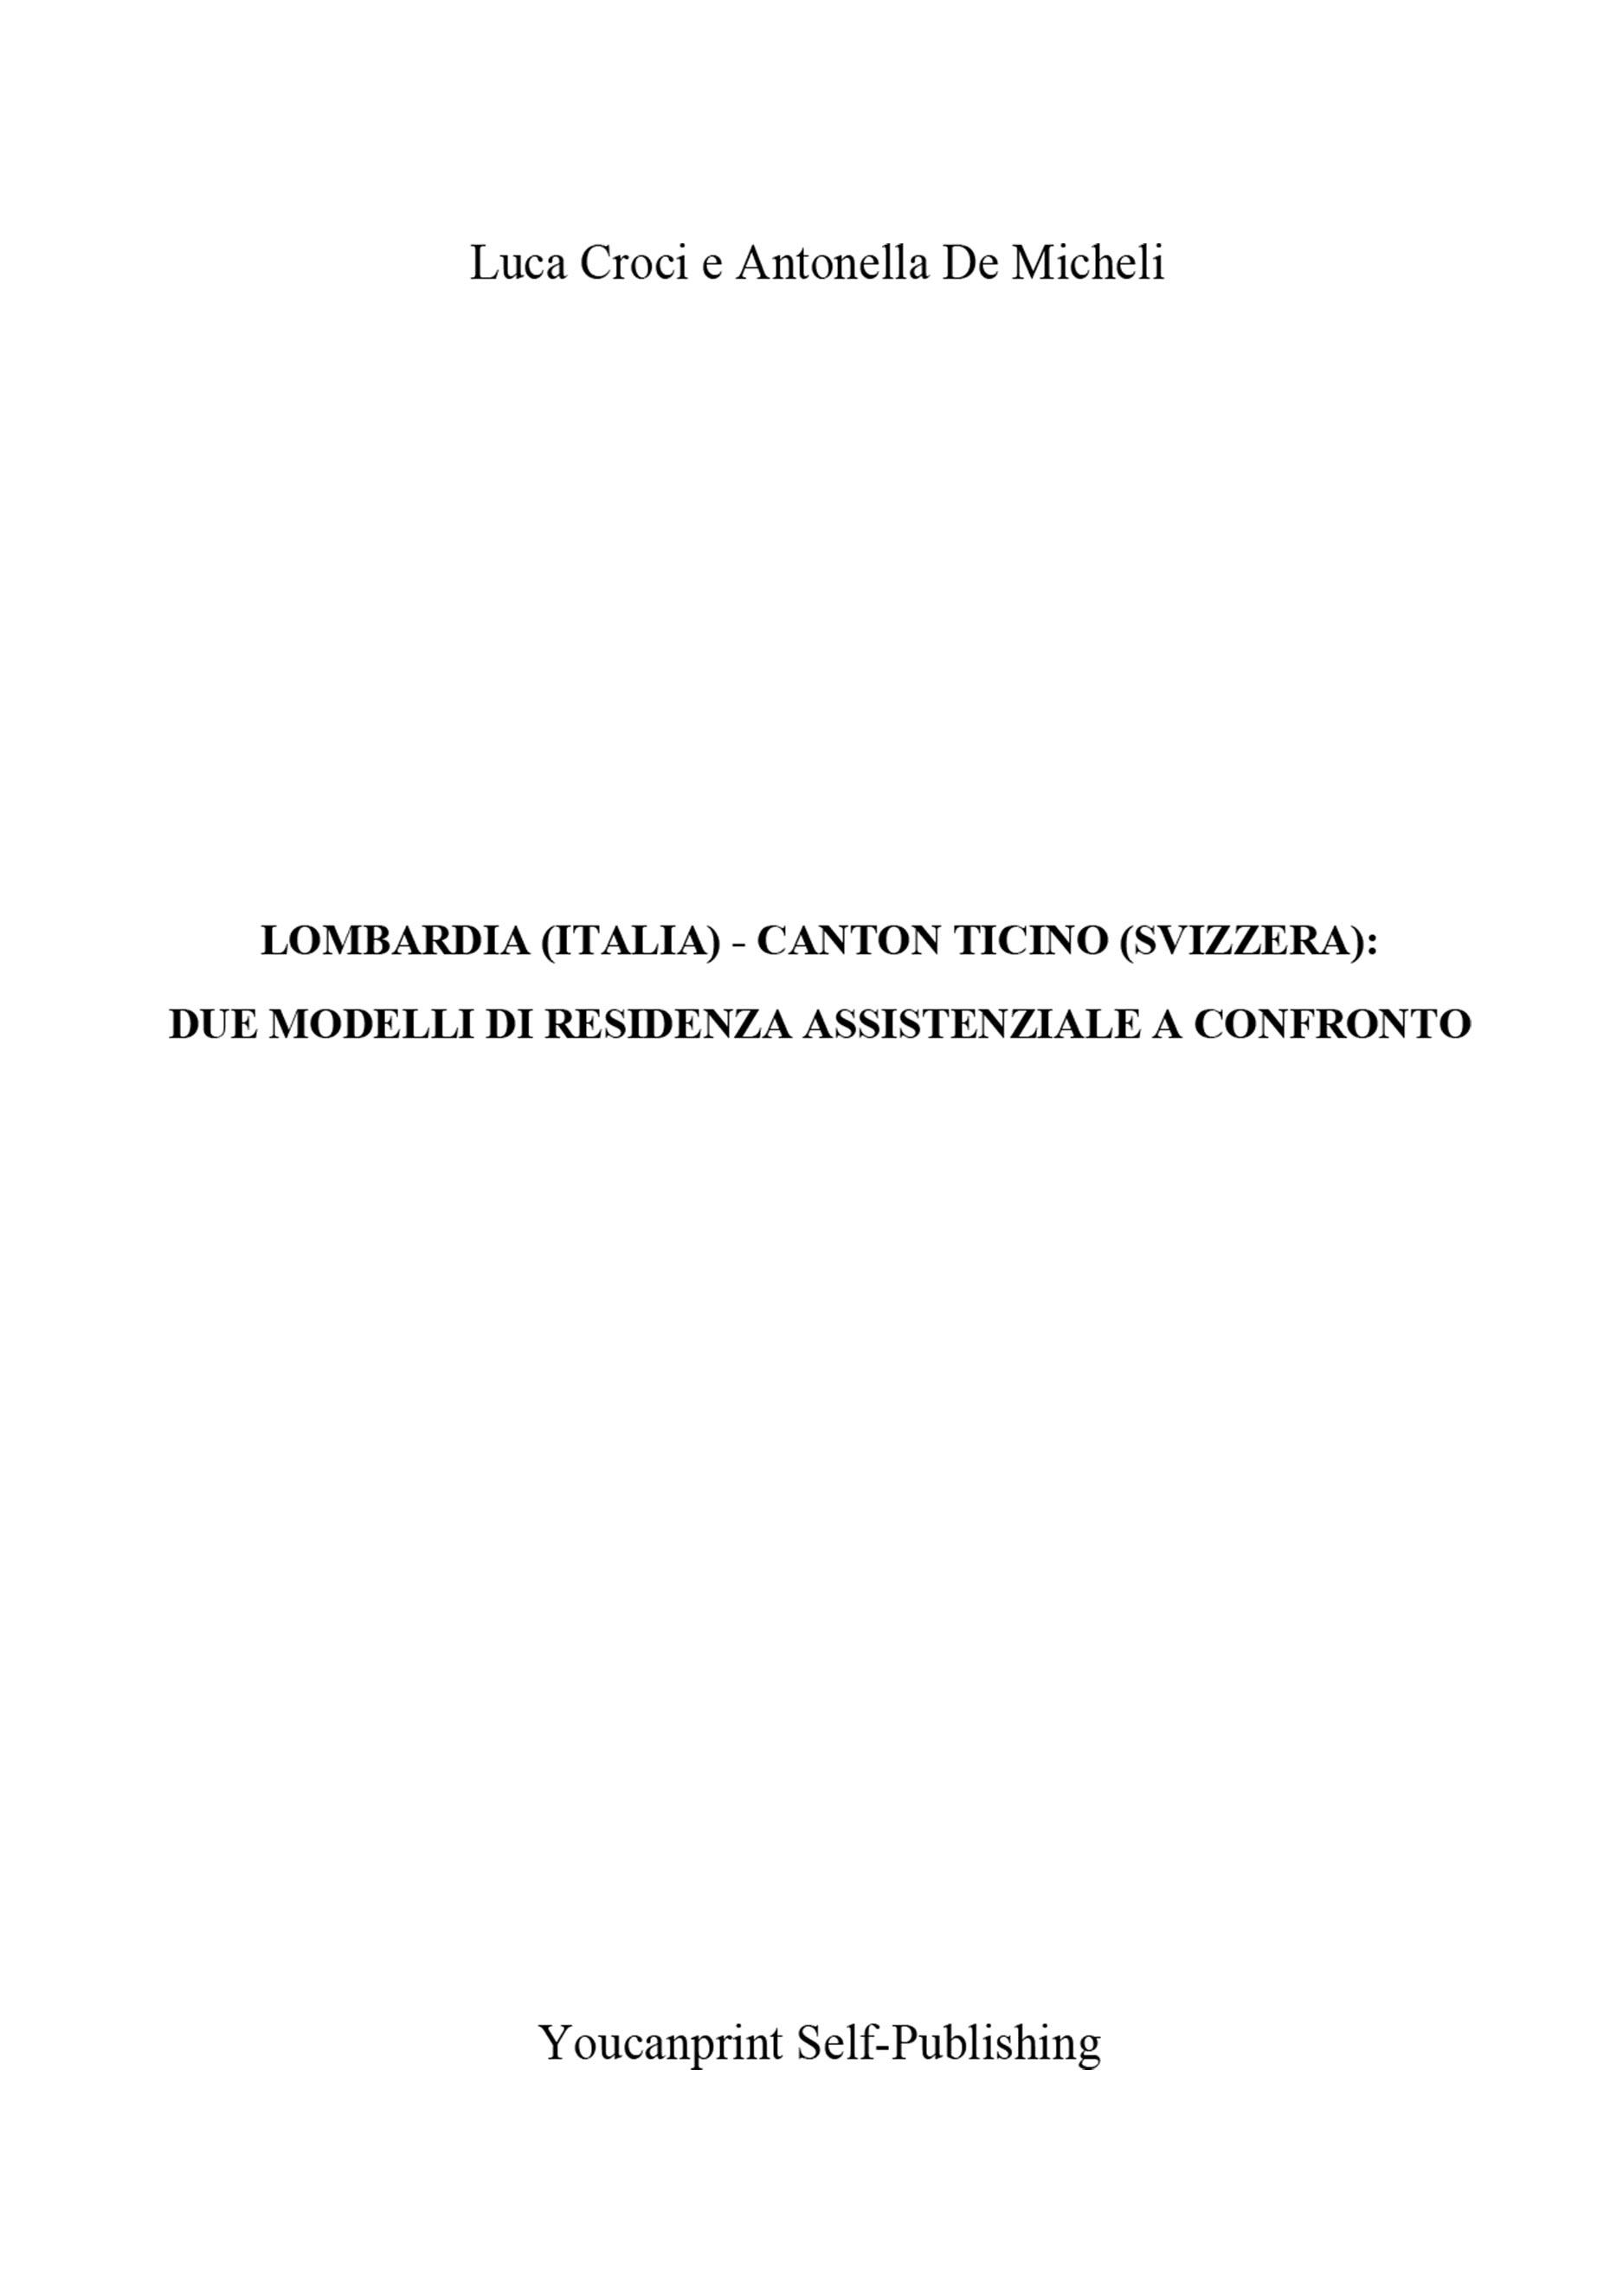 Lombardia (Italia) - Canton Ticino (Svizzera): due modelli di Residenza Assistenziale a confronto